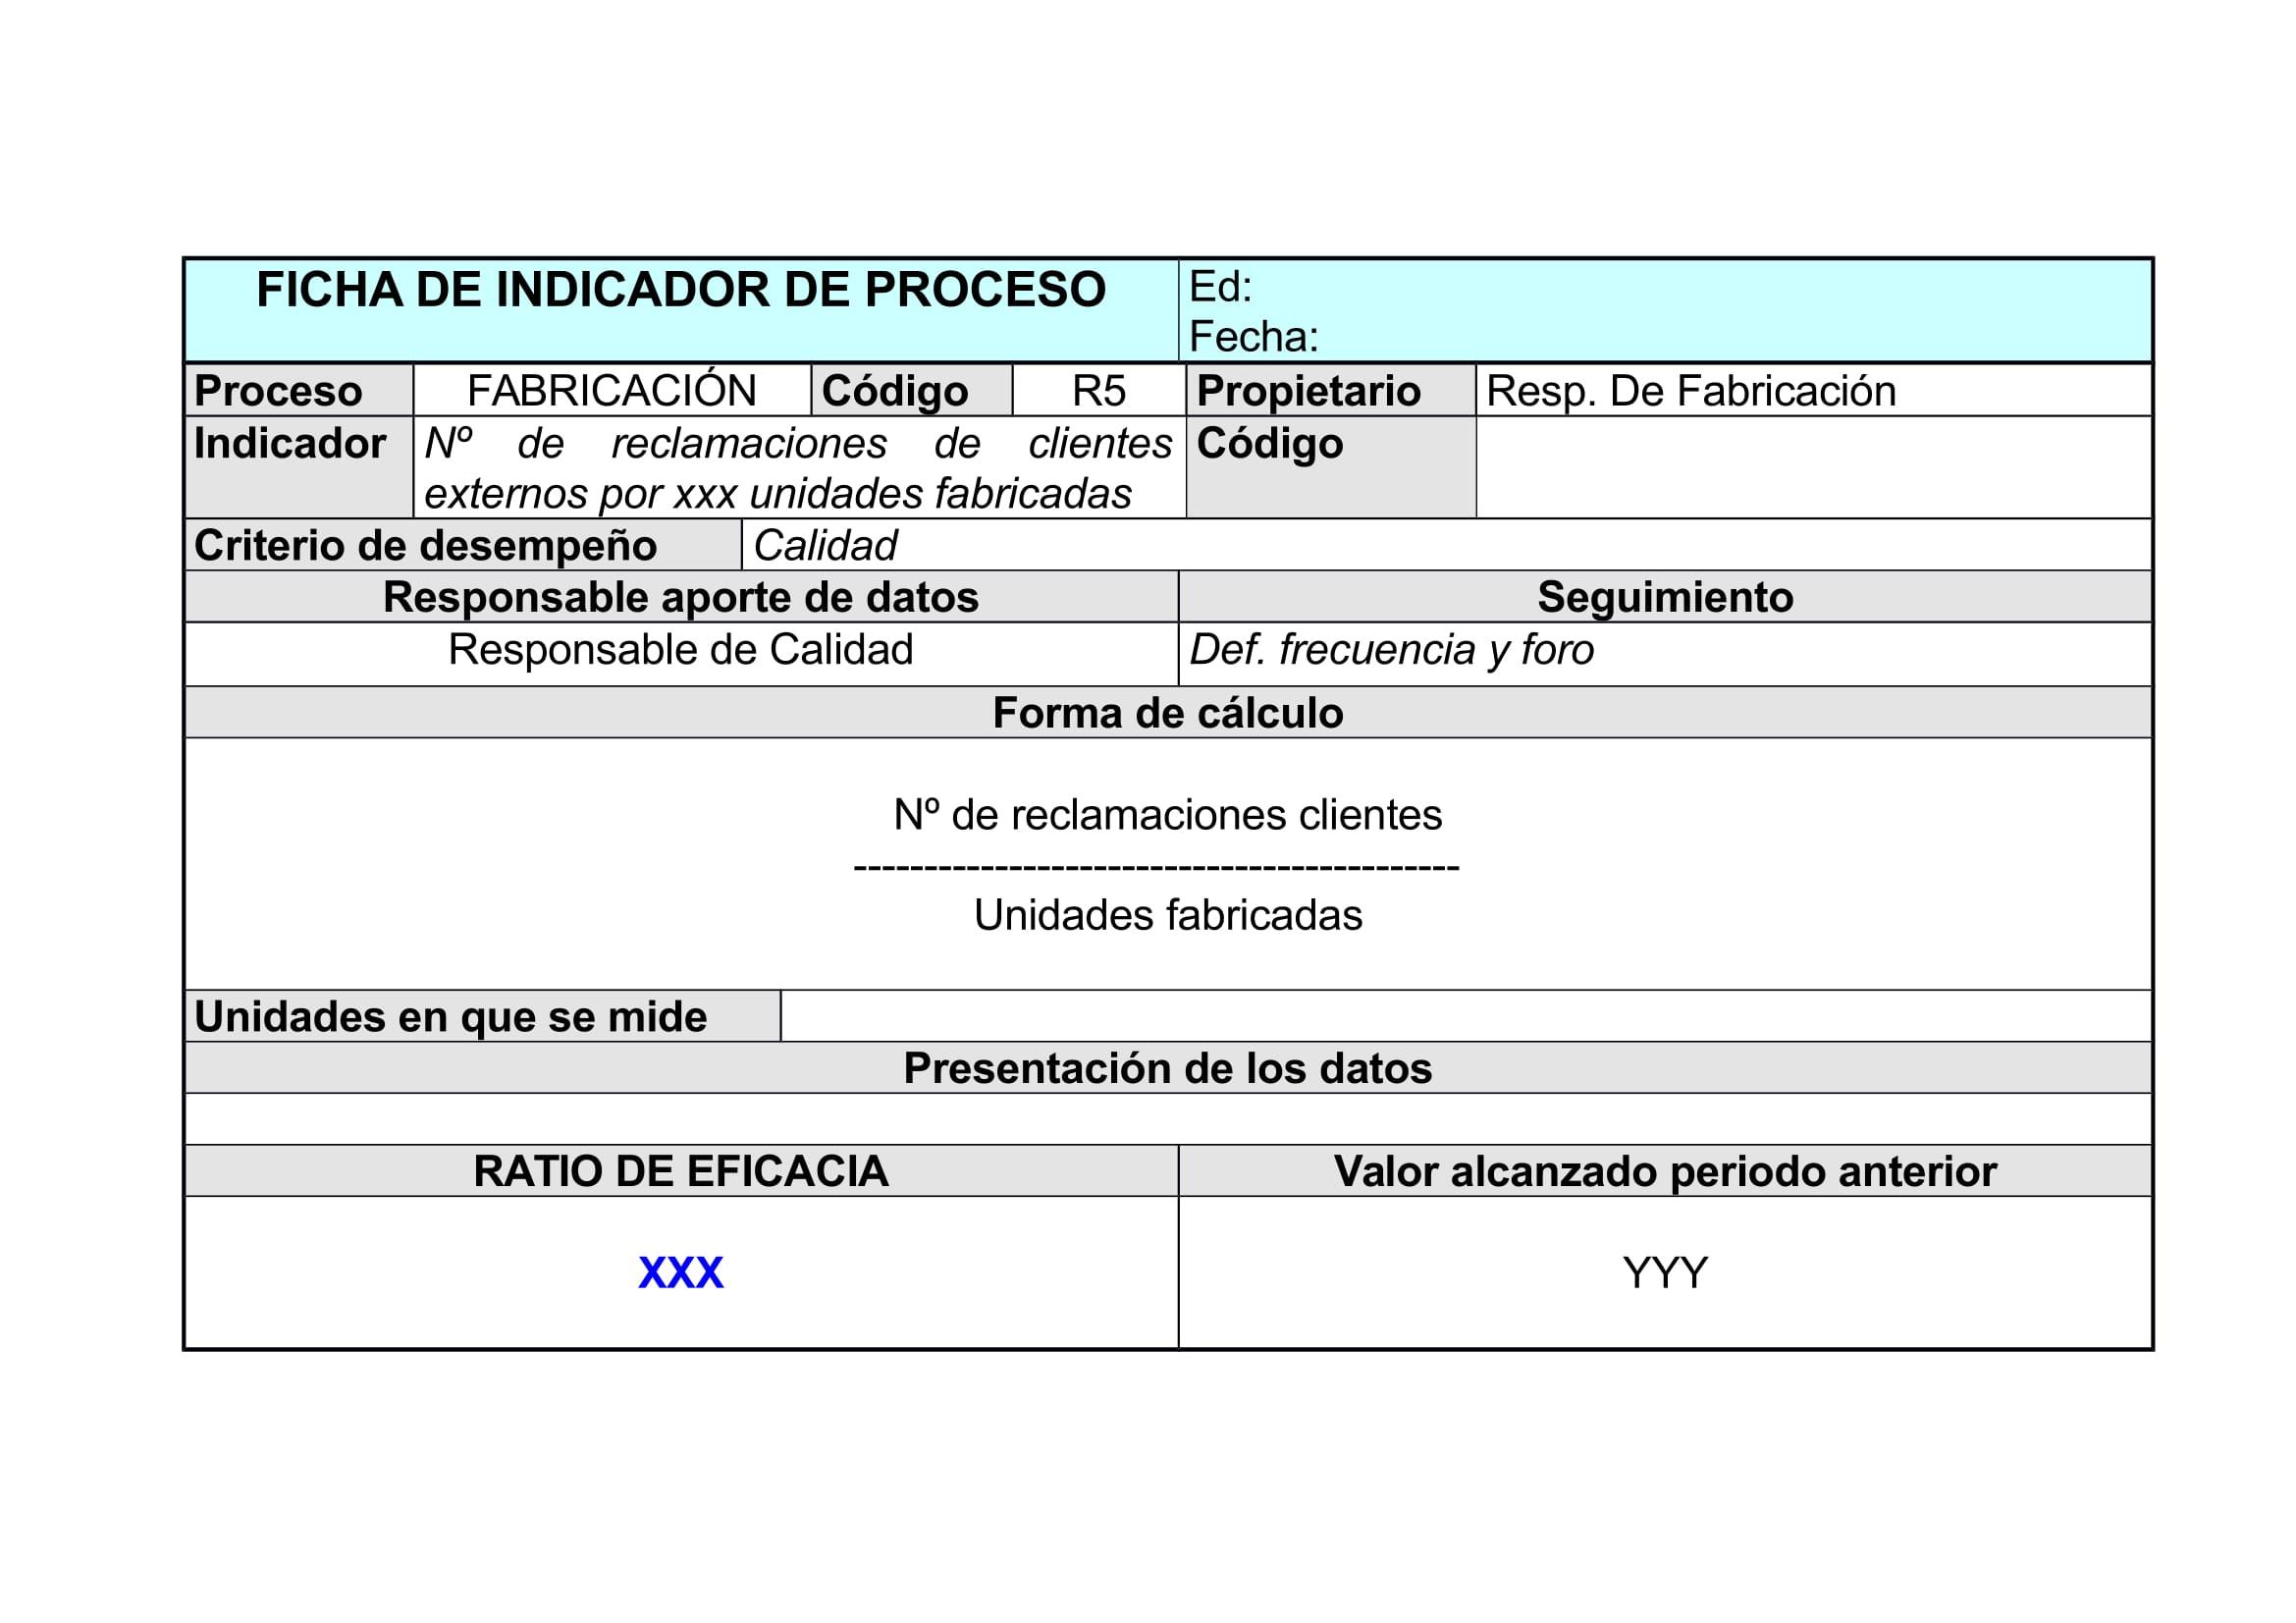 Ficha de Indicador de Proceso